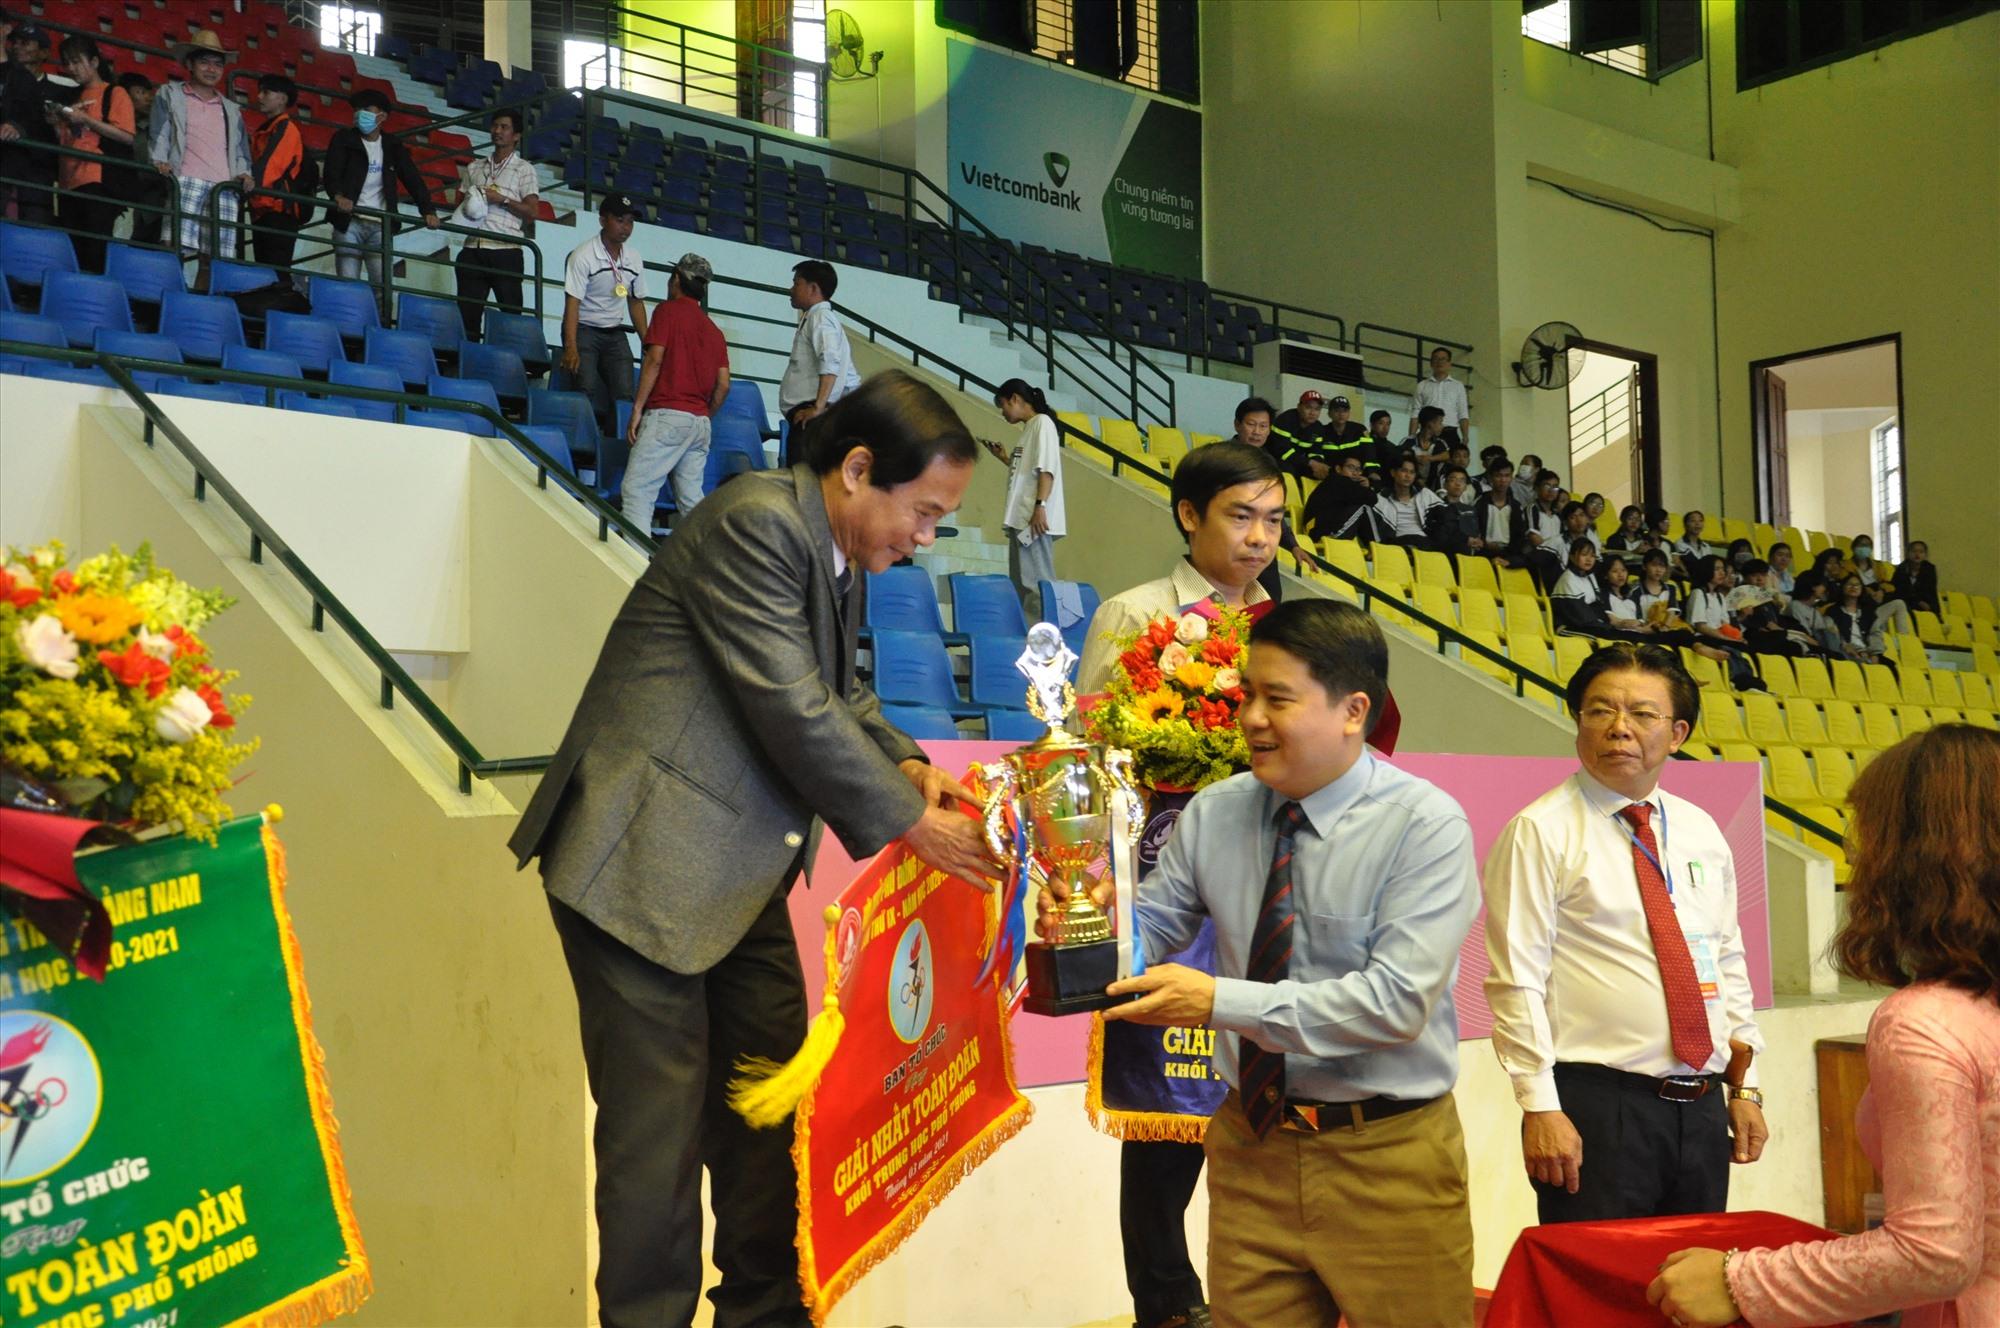 Phó Chủ tịch UBND tỉnh Trần Văn Tân trao cúp toàn đoàn cho Trường THPT chuyên Nguyễn Bỉnh Khiêm. Ảnh: X.P